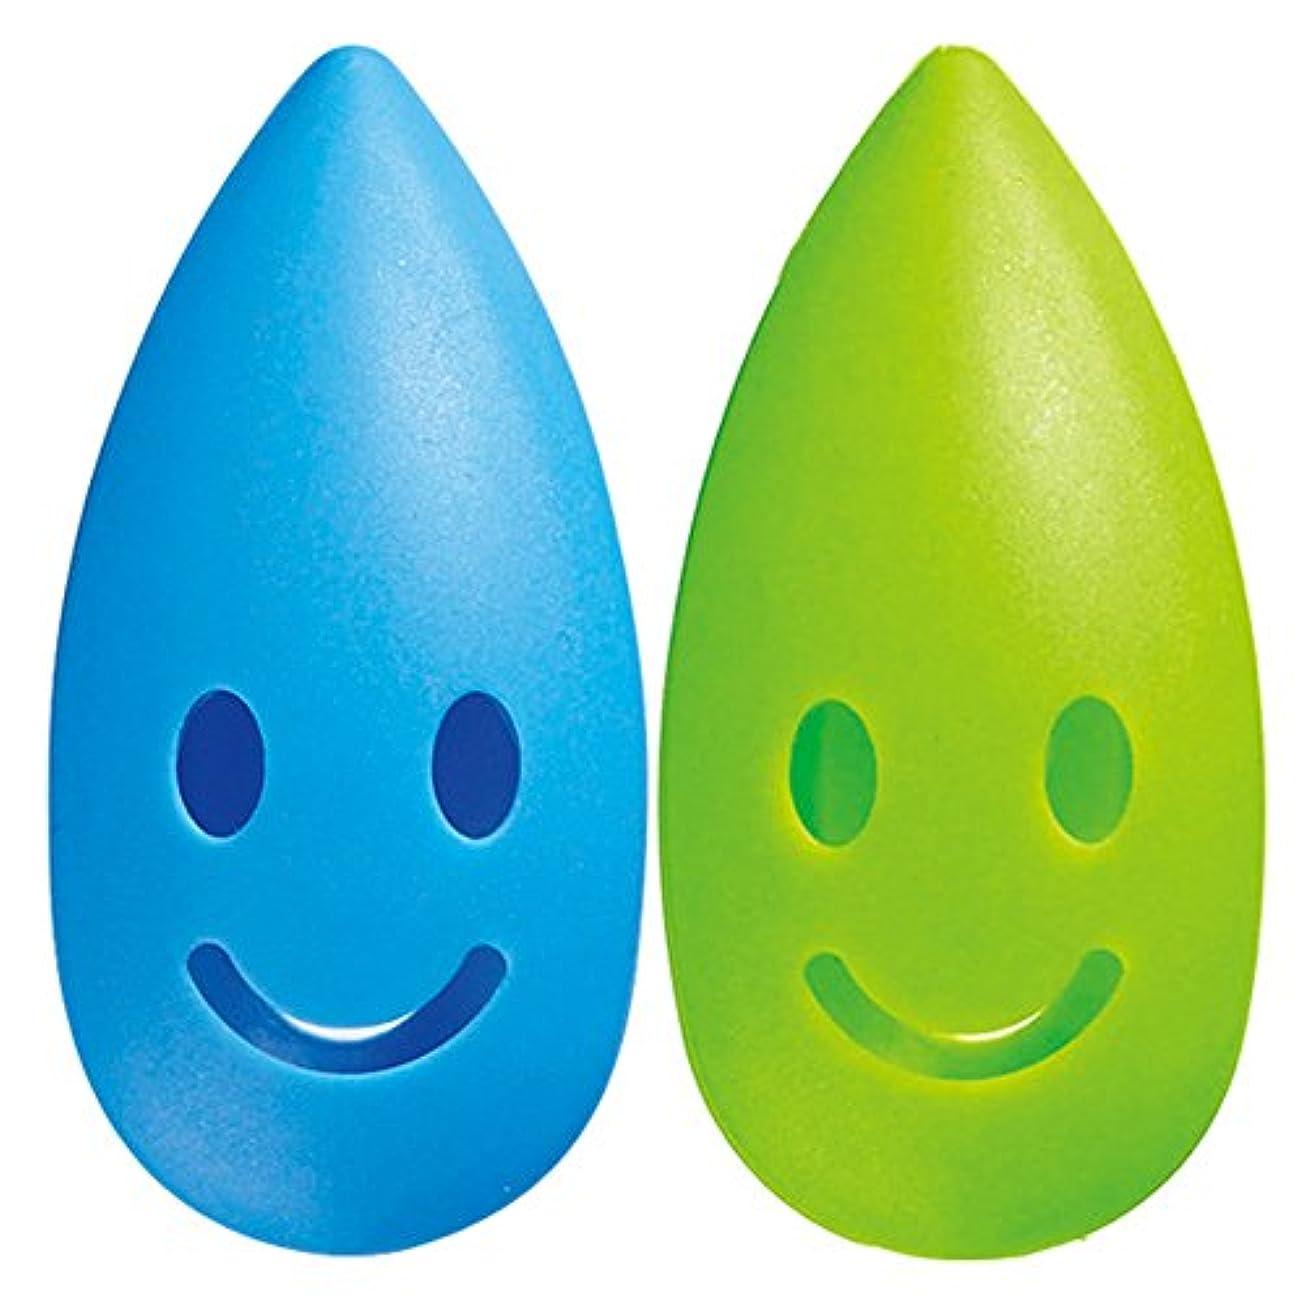 許さない学んだ吸い込むマーナ ハブラシキャップ 「カラースパイス」 ブルー×グリーン W433B